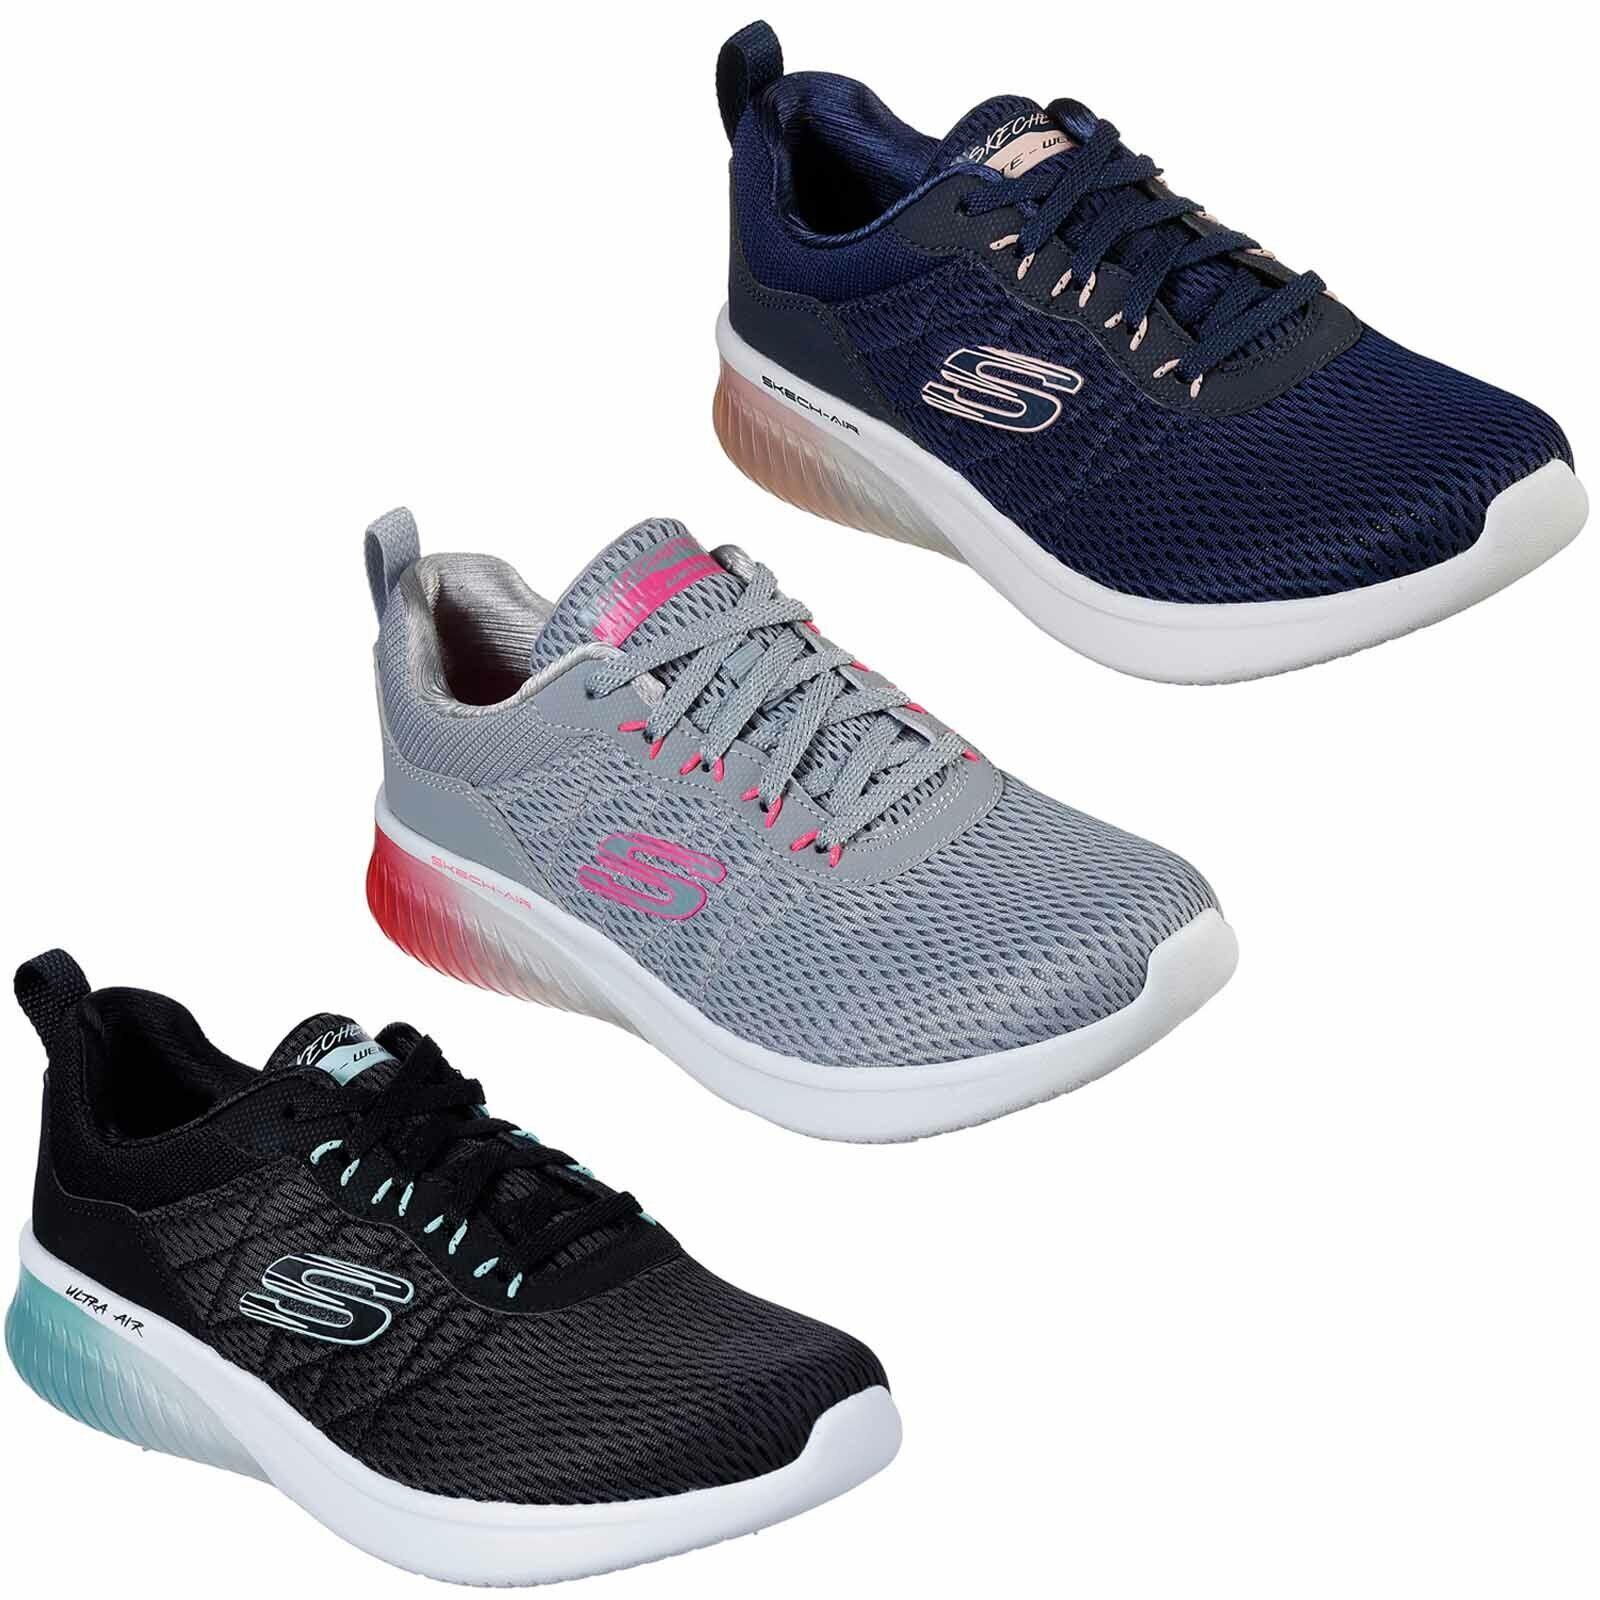 zapatos skechers dama 2018 opiniones venta